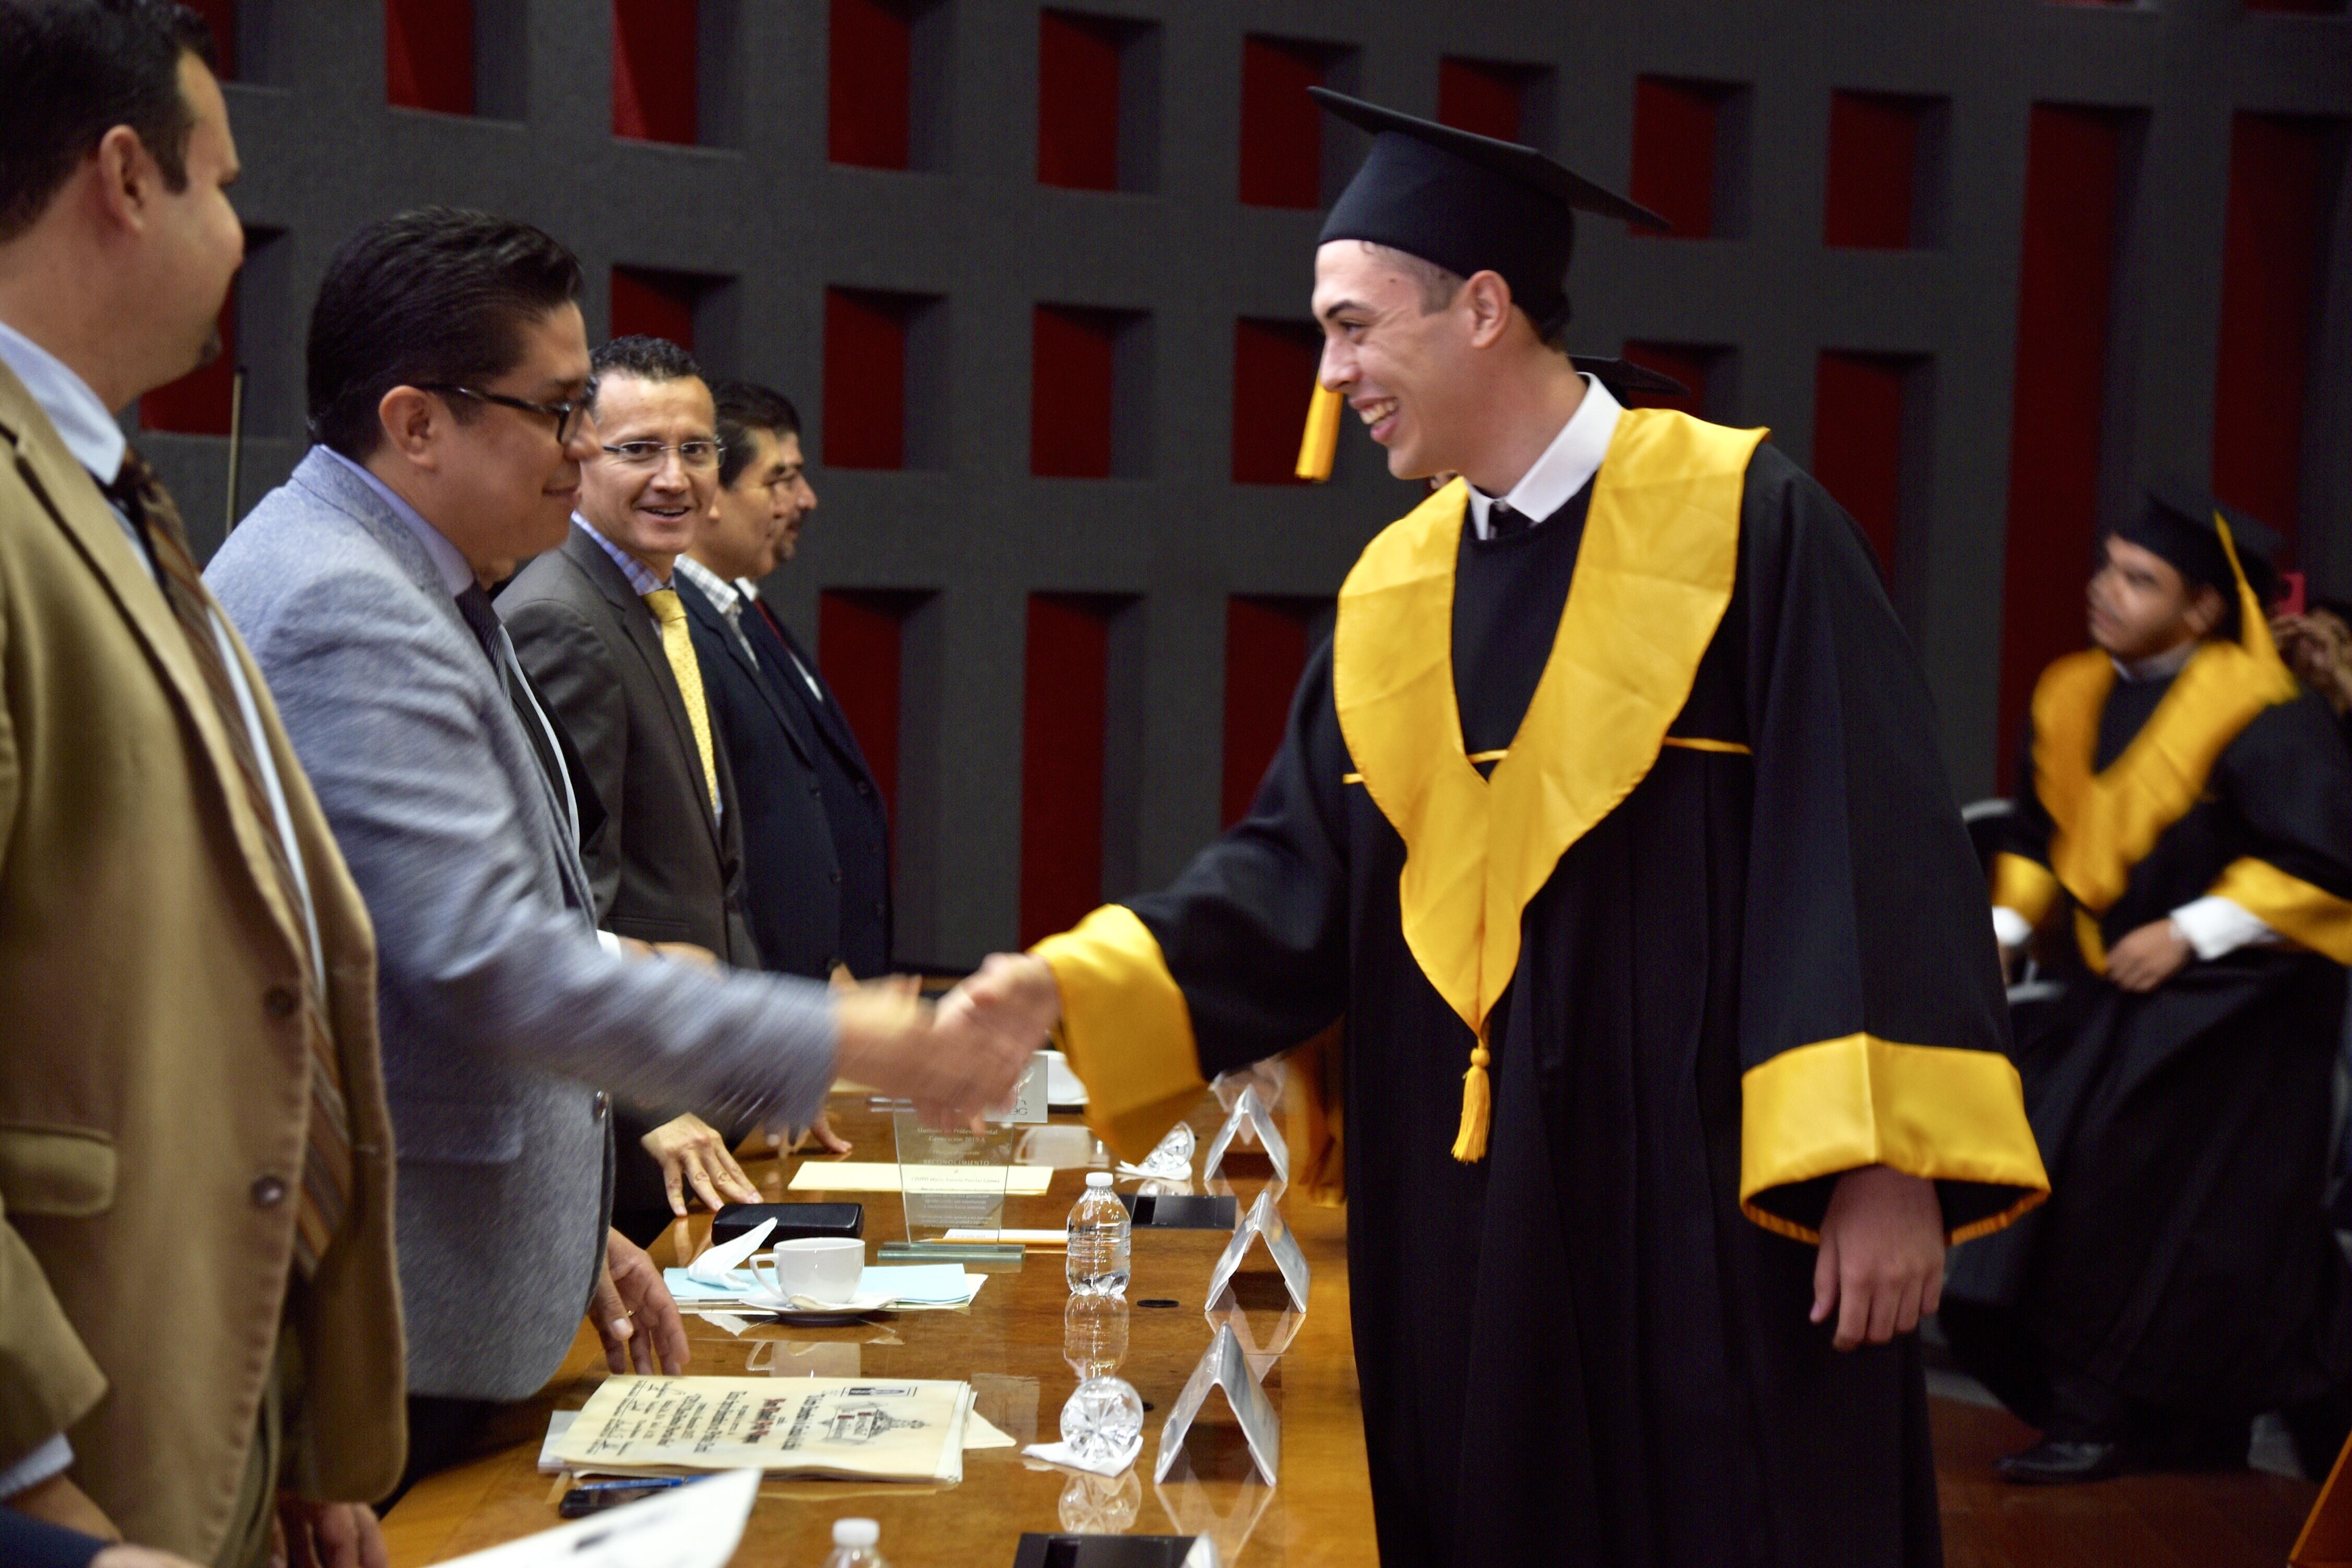 Rector del CUCS entregando constancia de egresado a graduado